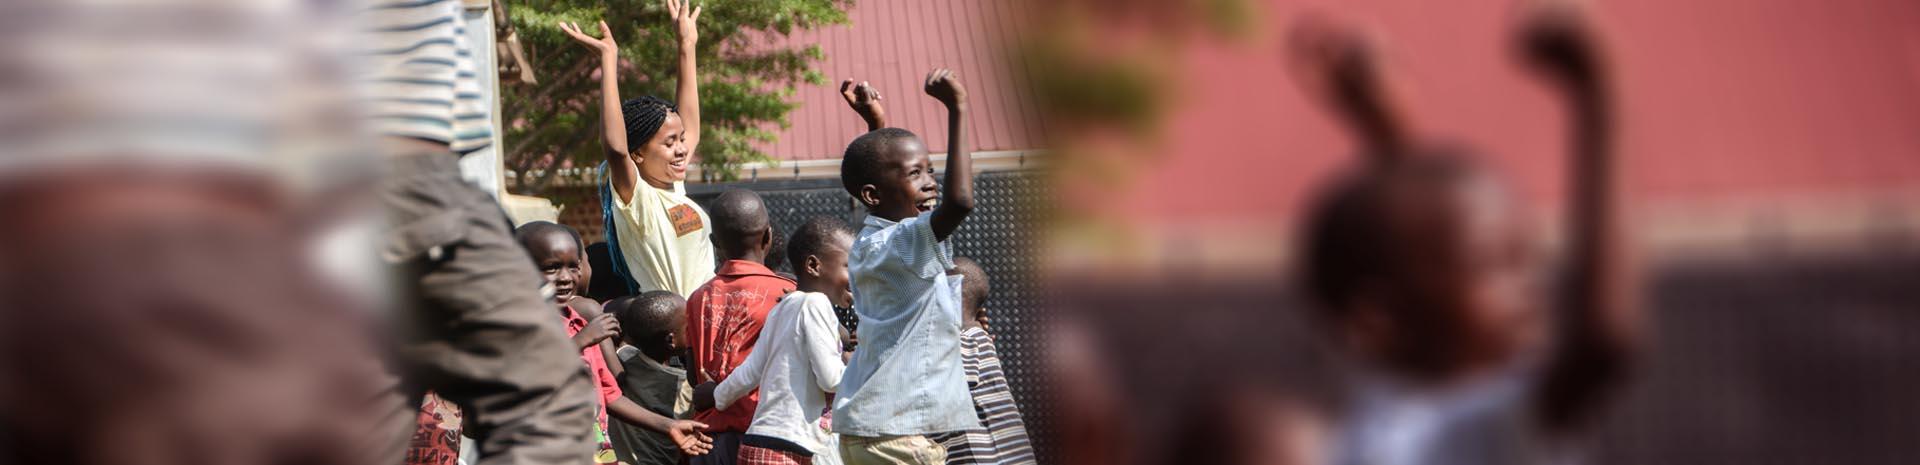 Sponsor Uganda children, Uganda orphans, Charities in Uganda